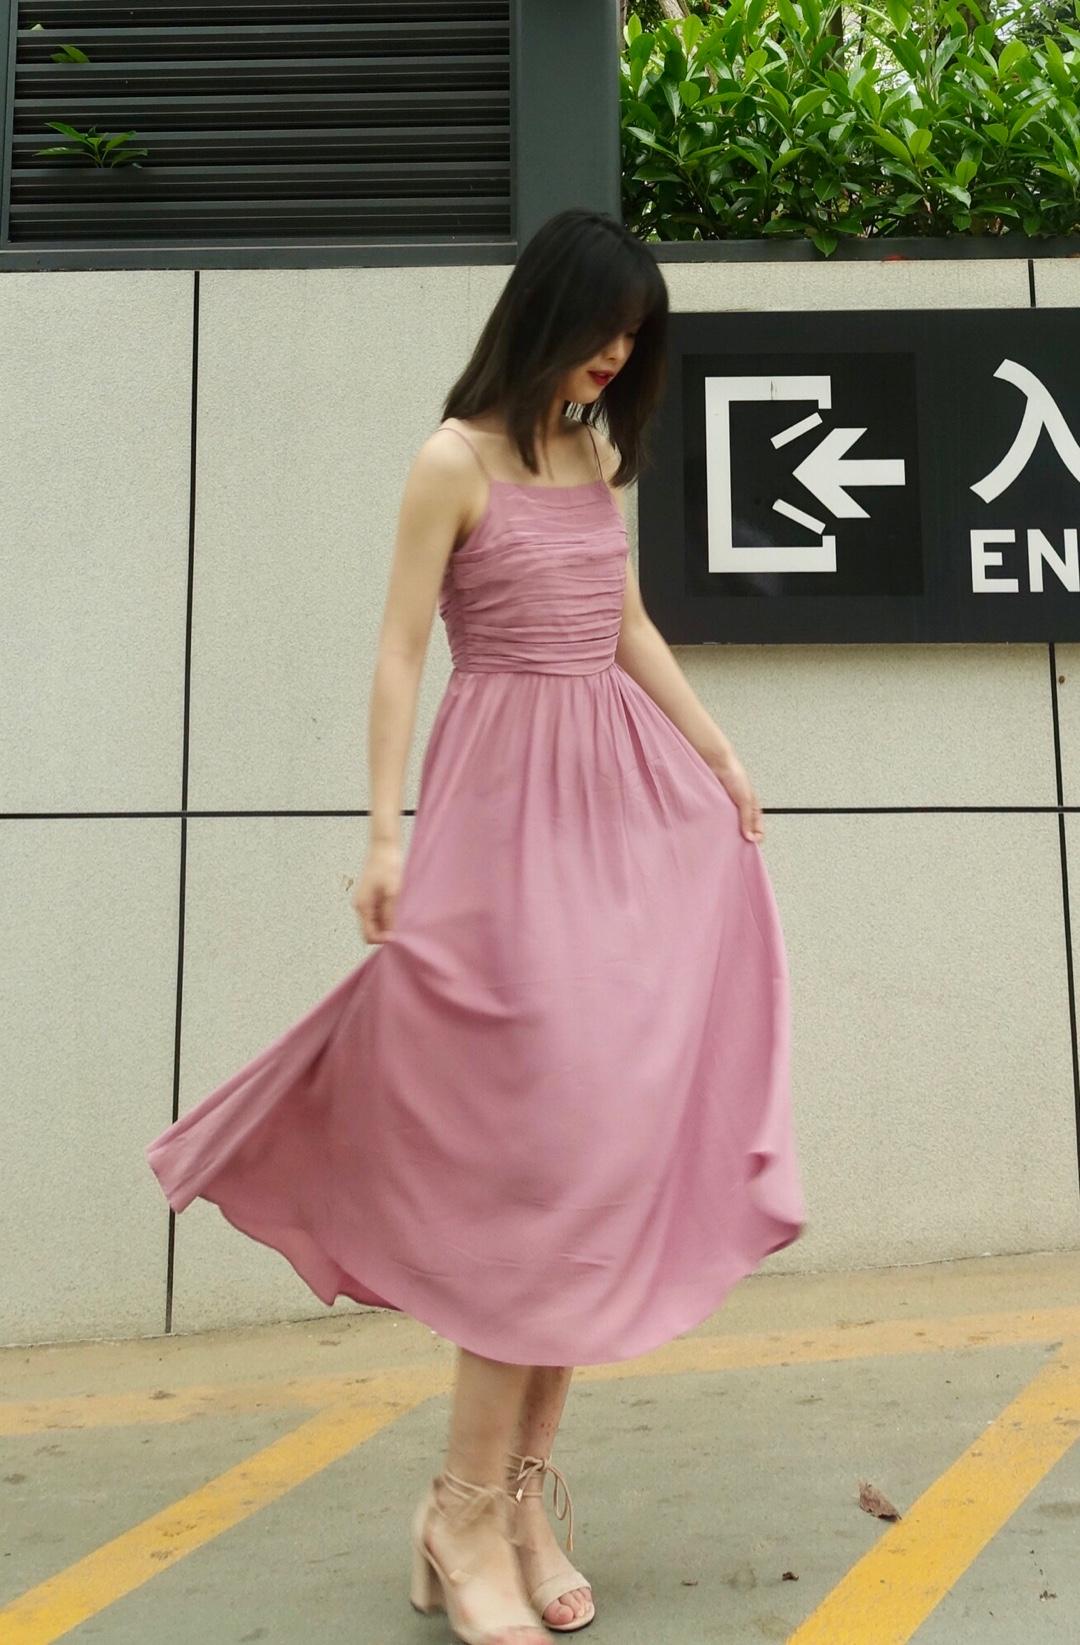 #仙女长裙,我心动了!# 💕女孩子都应该要拥有一条长裙💕 炎炎夏日选择一条吊带长裙是一个不错的选择 裙子的颜色是藕粉色 穿在身上超级的温柔 (自己都要被自己温柔死了🙊) 鞋子可以搭配一双绑带的米色的高跟鞋👠 最后背一个偏米色系的包包就OK啦